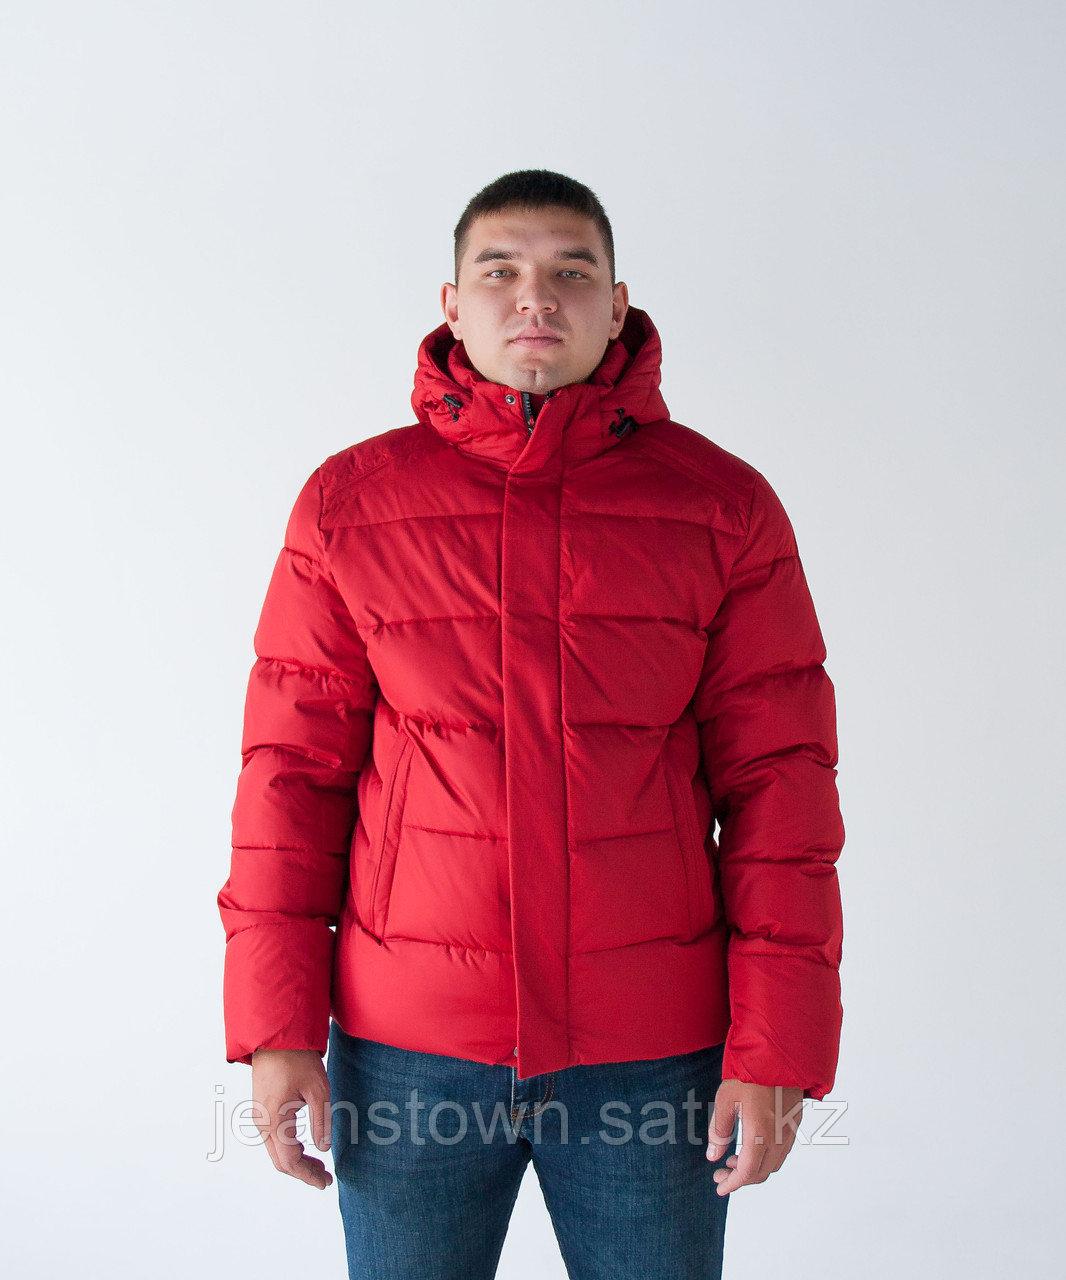 Куртка мужская зимняя  KINGS WIND   короткая  красная